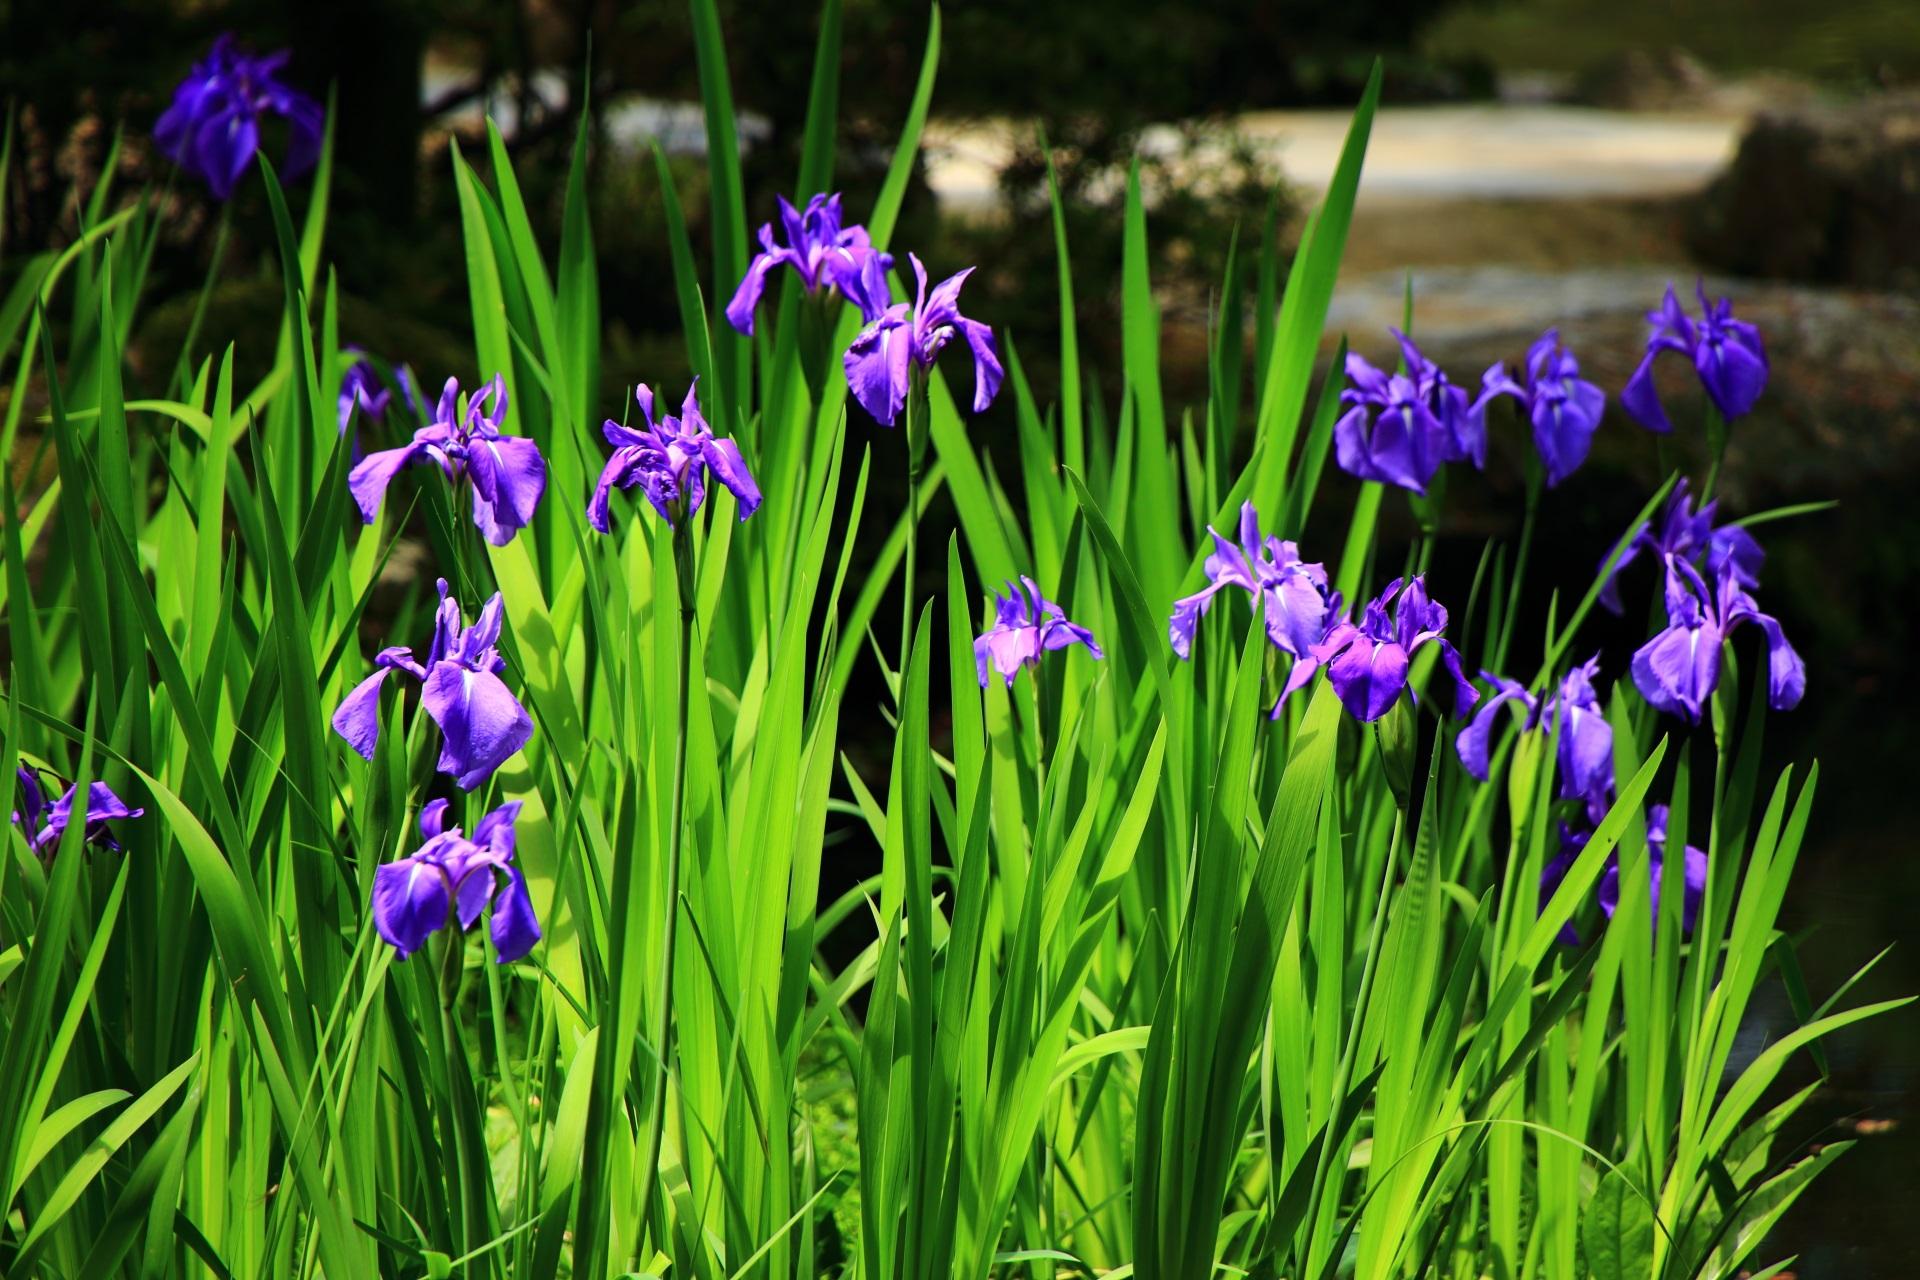 眩い緑と紫にそまる5月の平安神宮の神苑